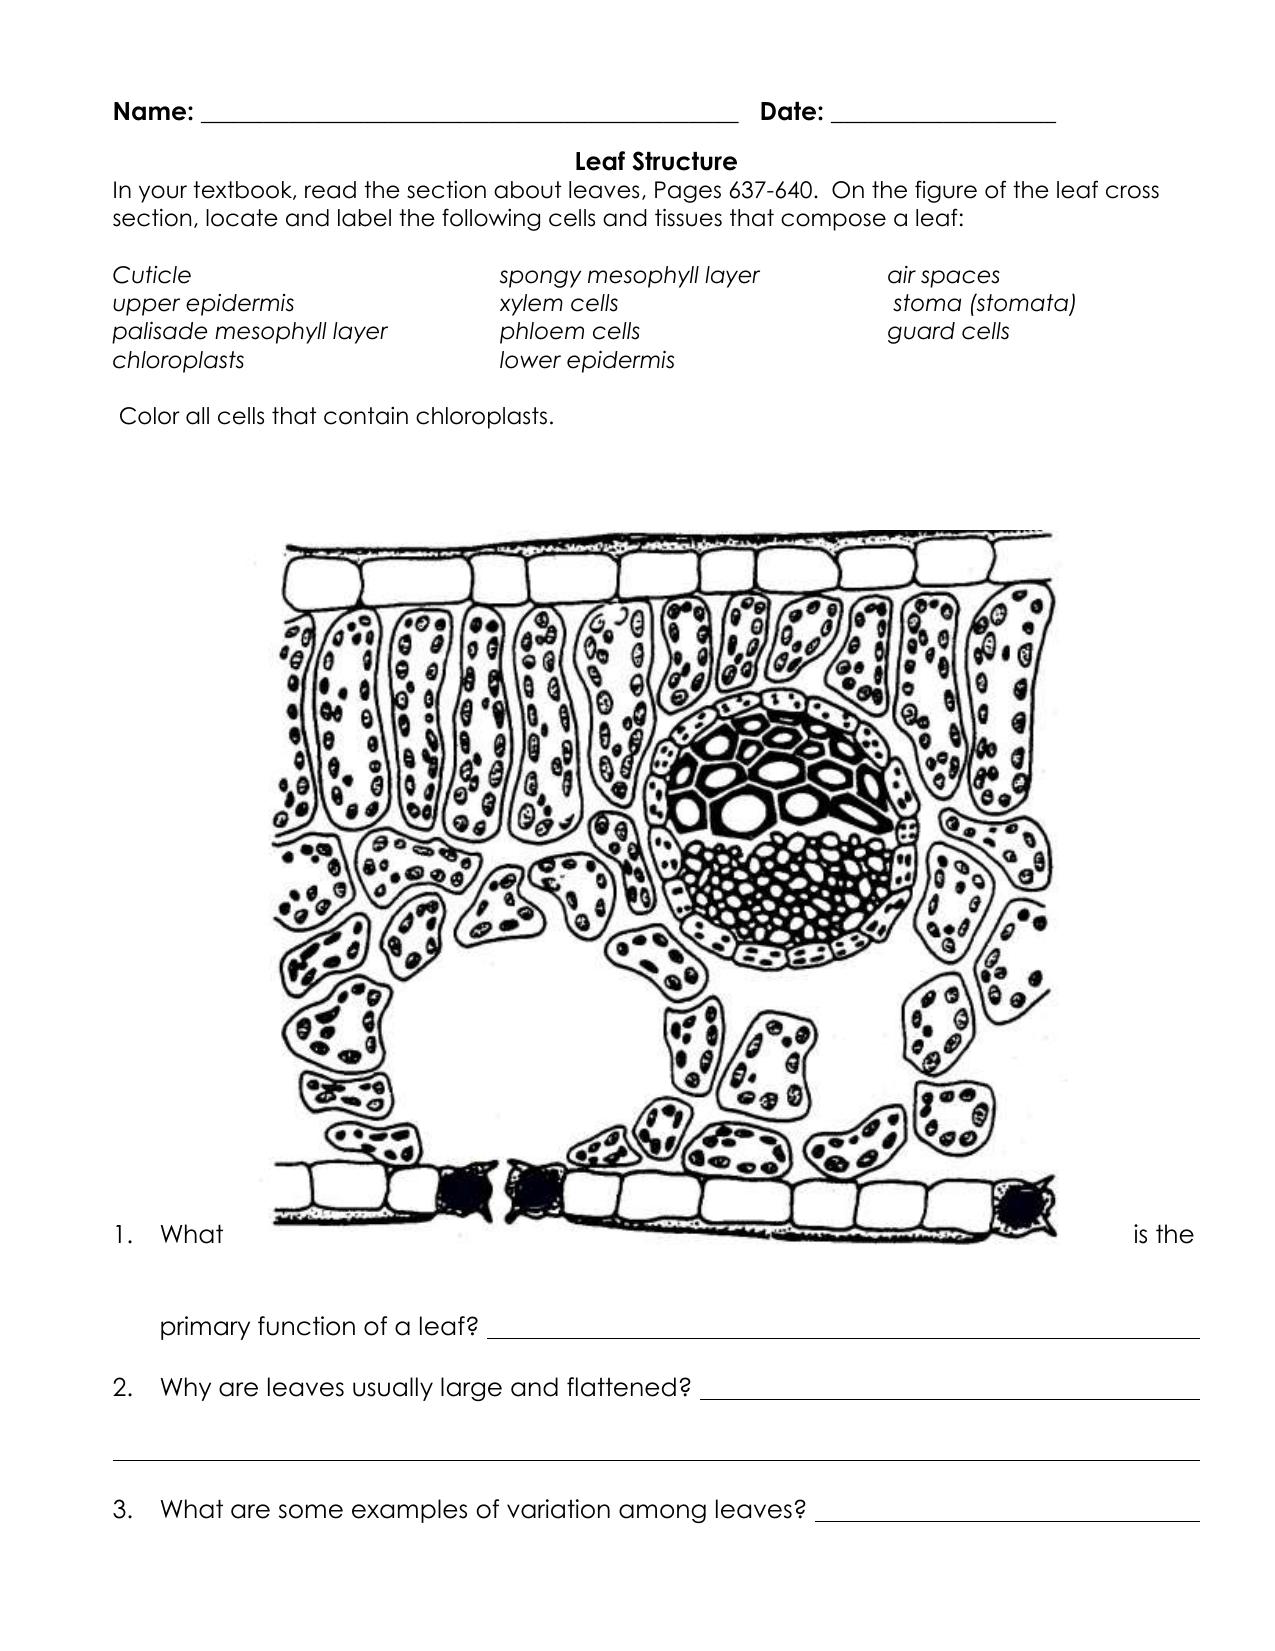 leaf cross sections diagram printout